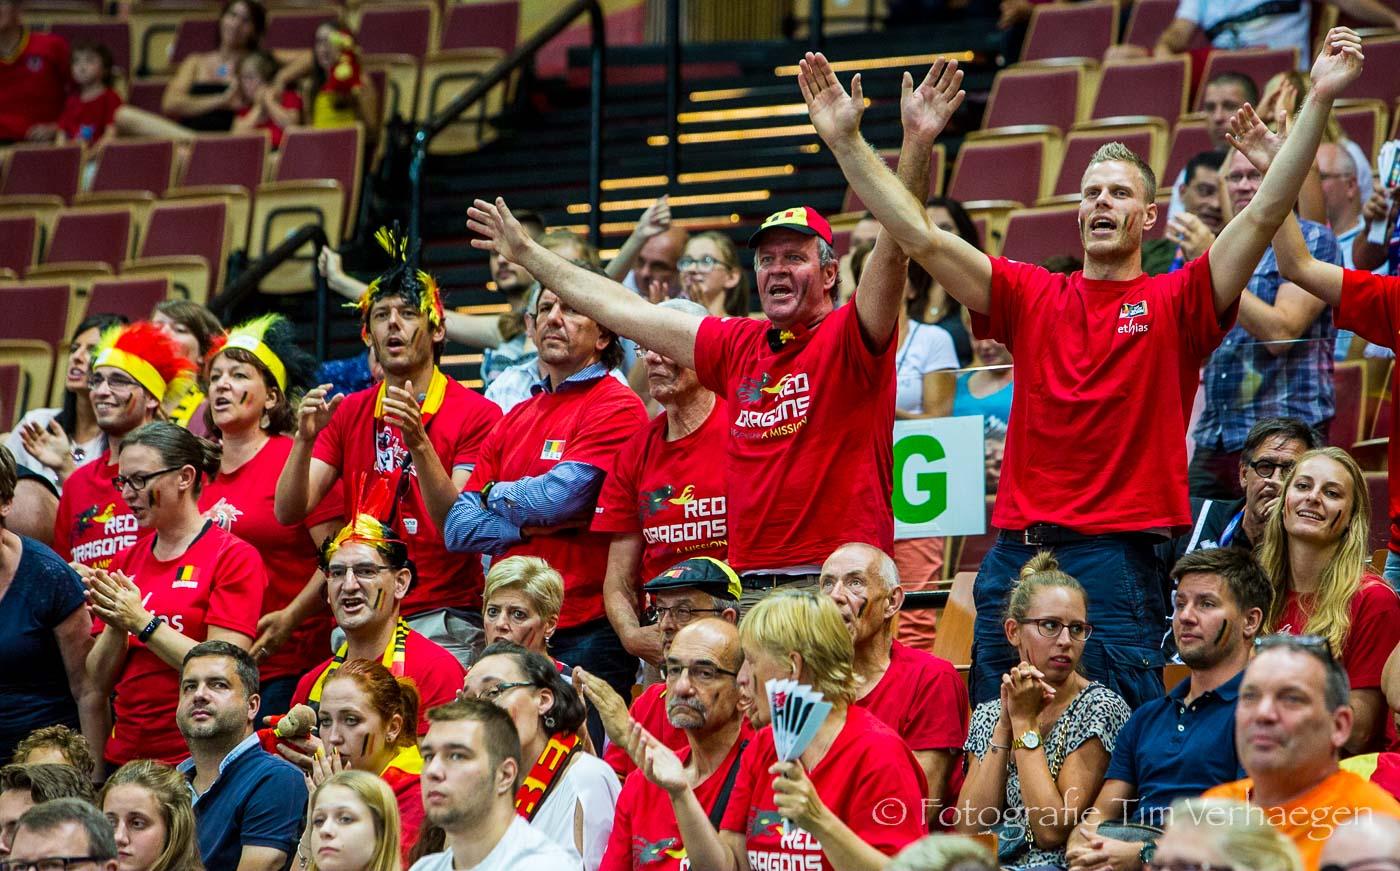 20172708: Belgische fans van de Belgian Red Dragons juichen hun team toe tijdens de poulewedstrijd tegen Turkije op het Europees Kampioenschap in Polen (Spodek in Katowice).